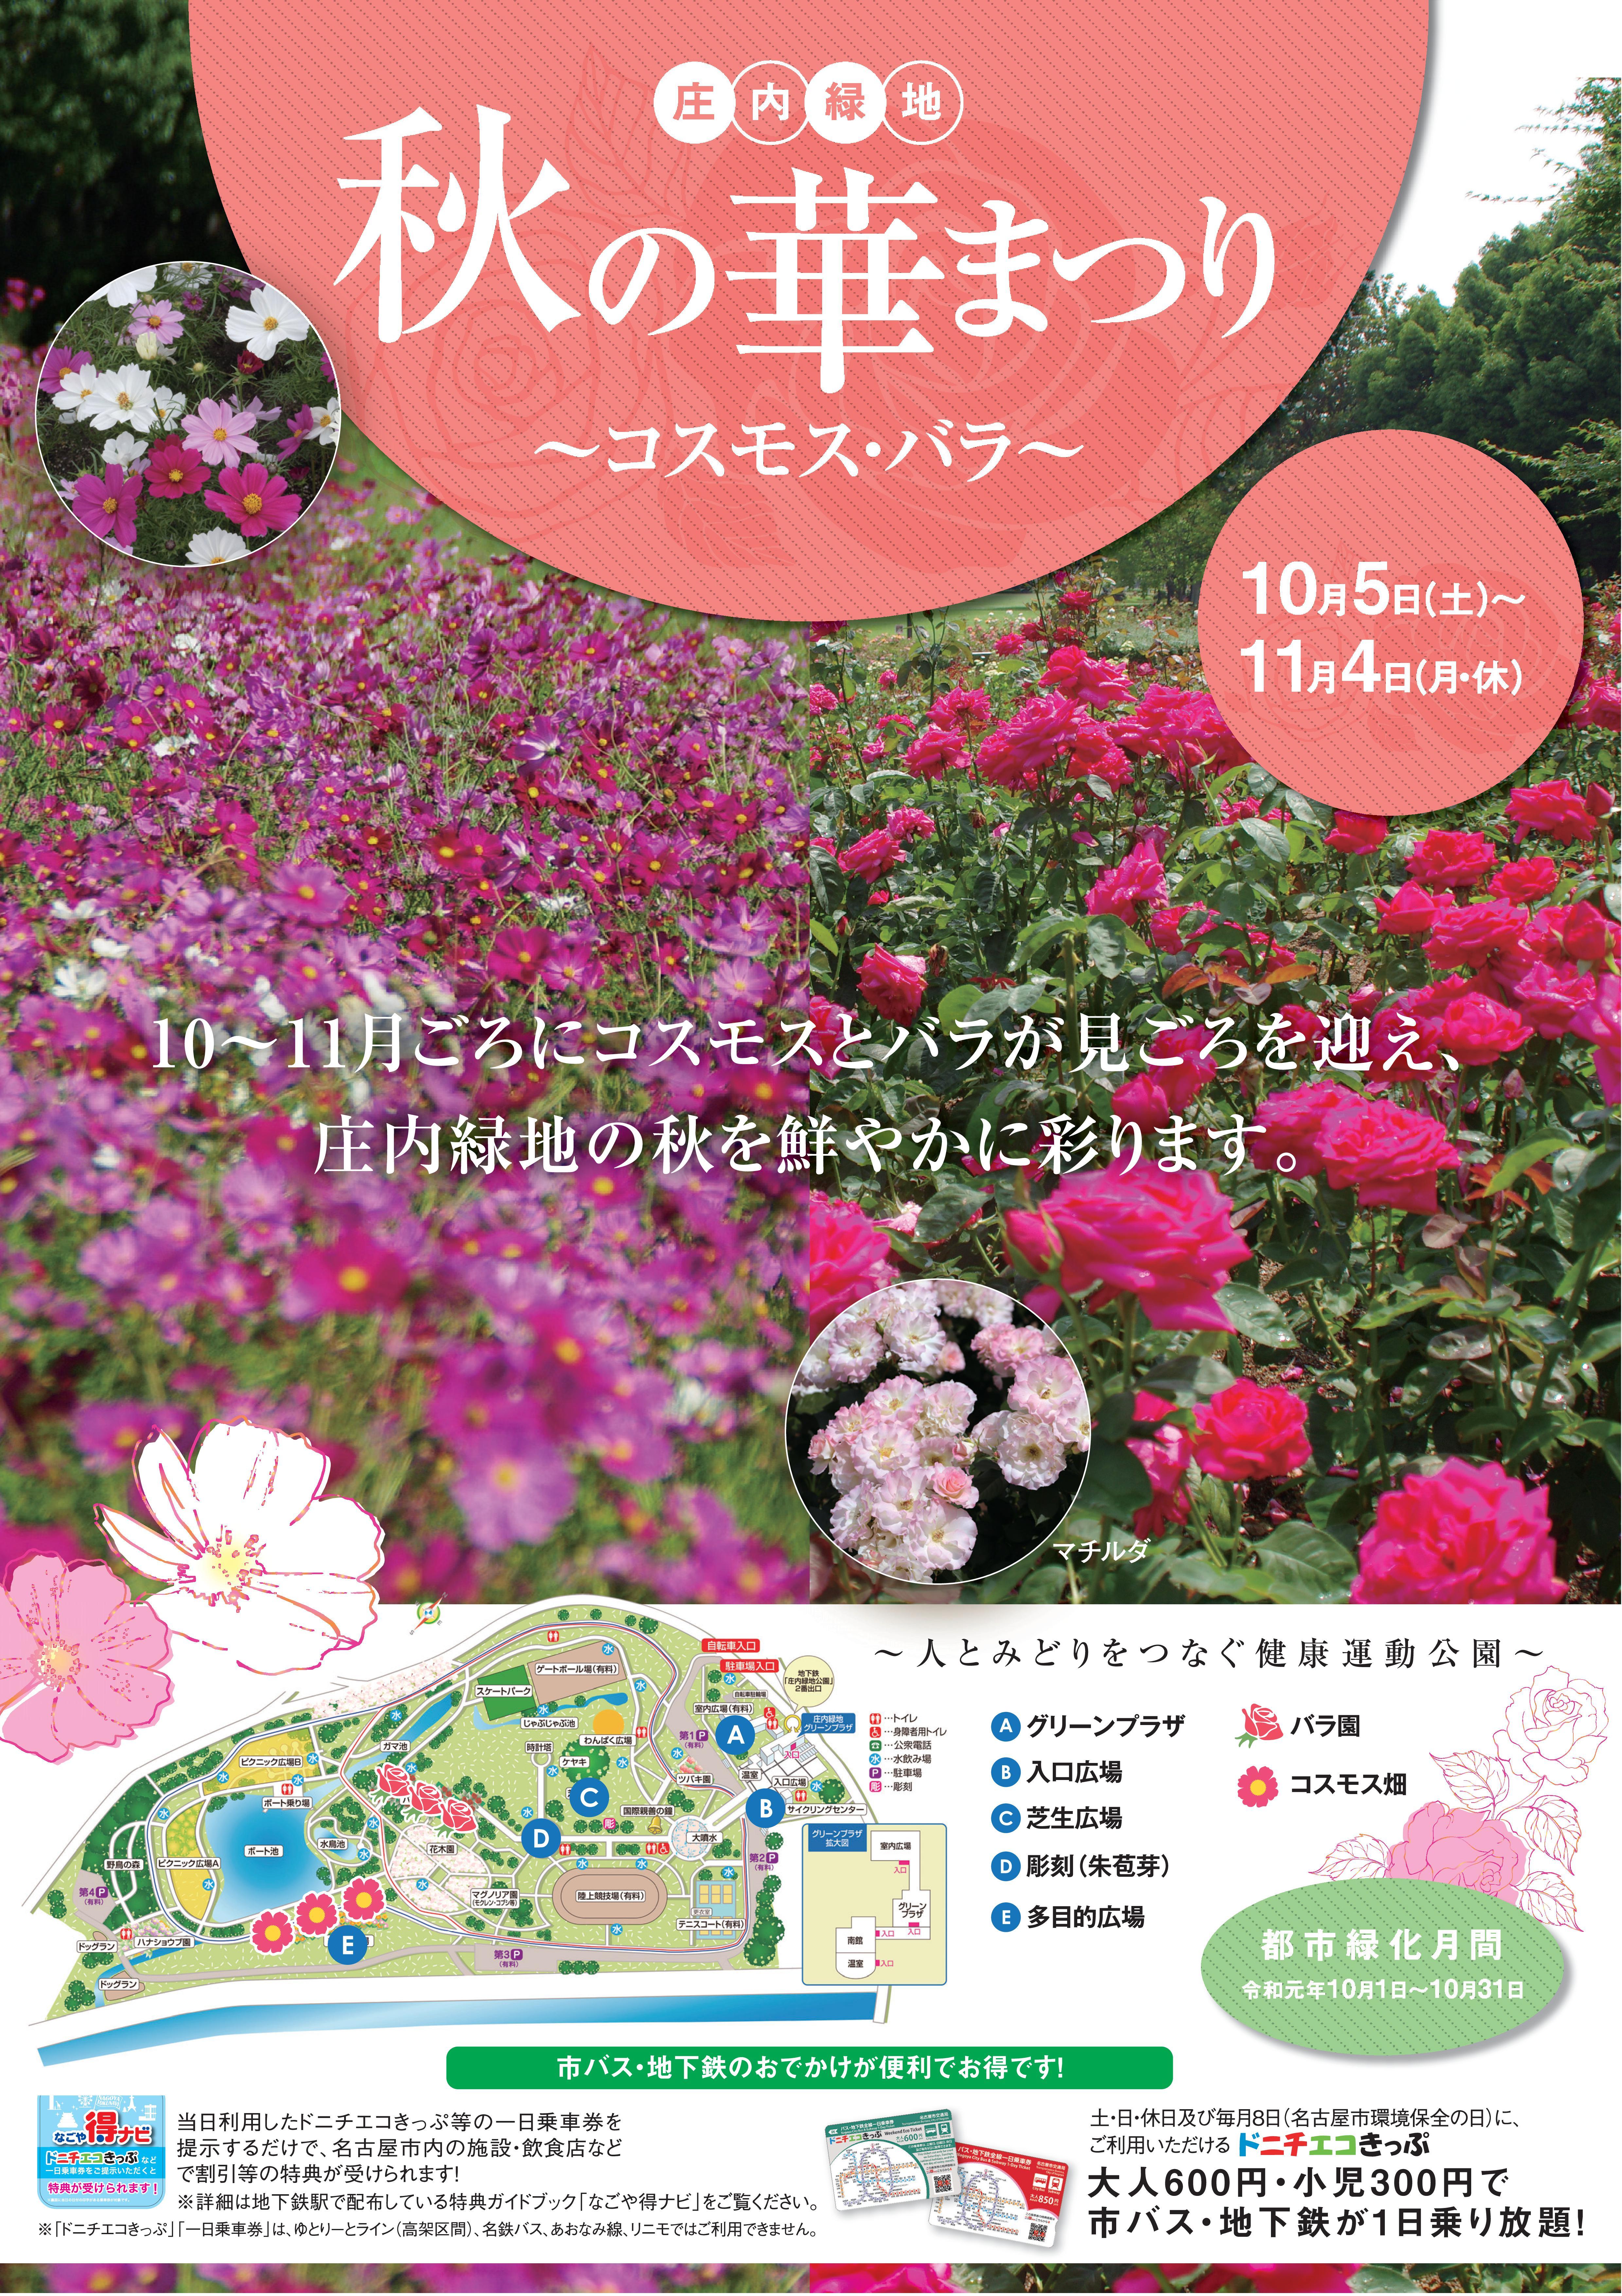 10/5~11/4 庄内緑地「秋の華まつり」